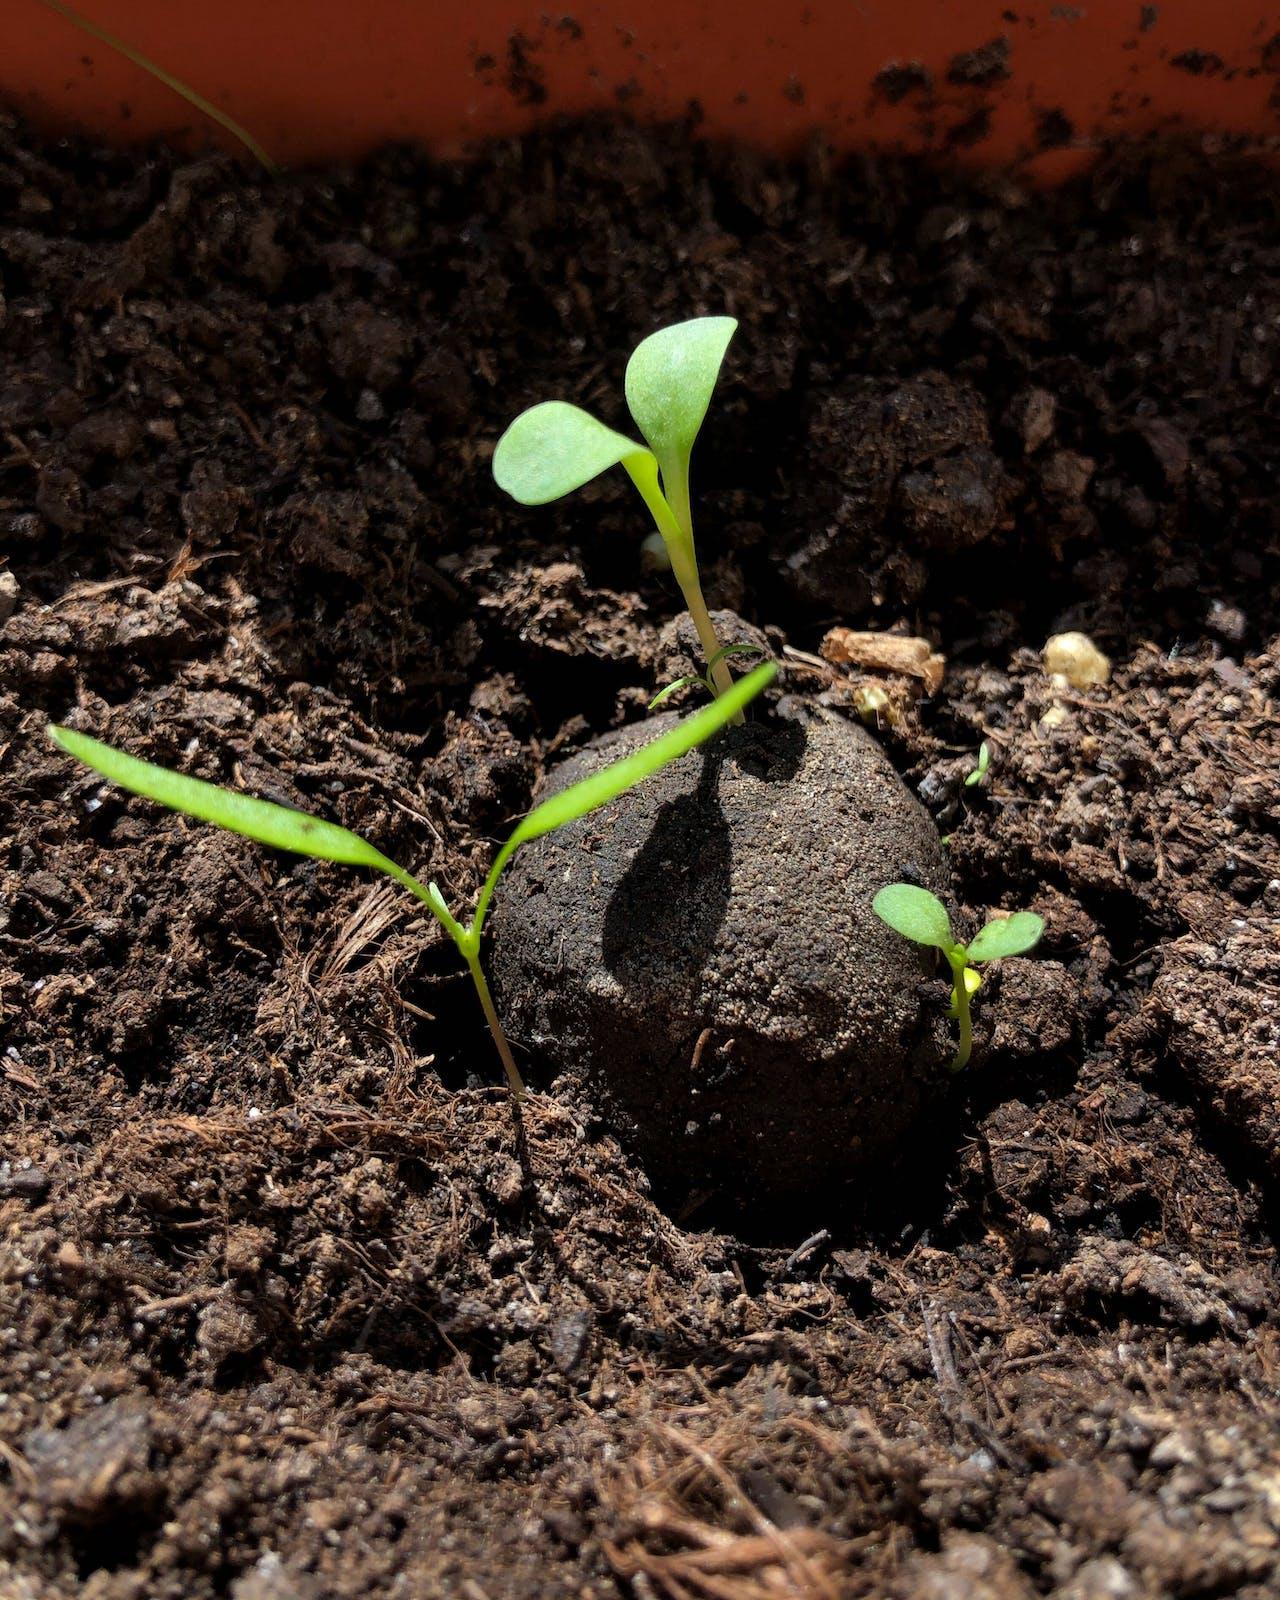 Ferien zuhause: Idee 9, Gärtnern mit Samenbomben